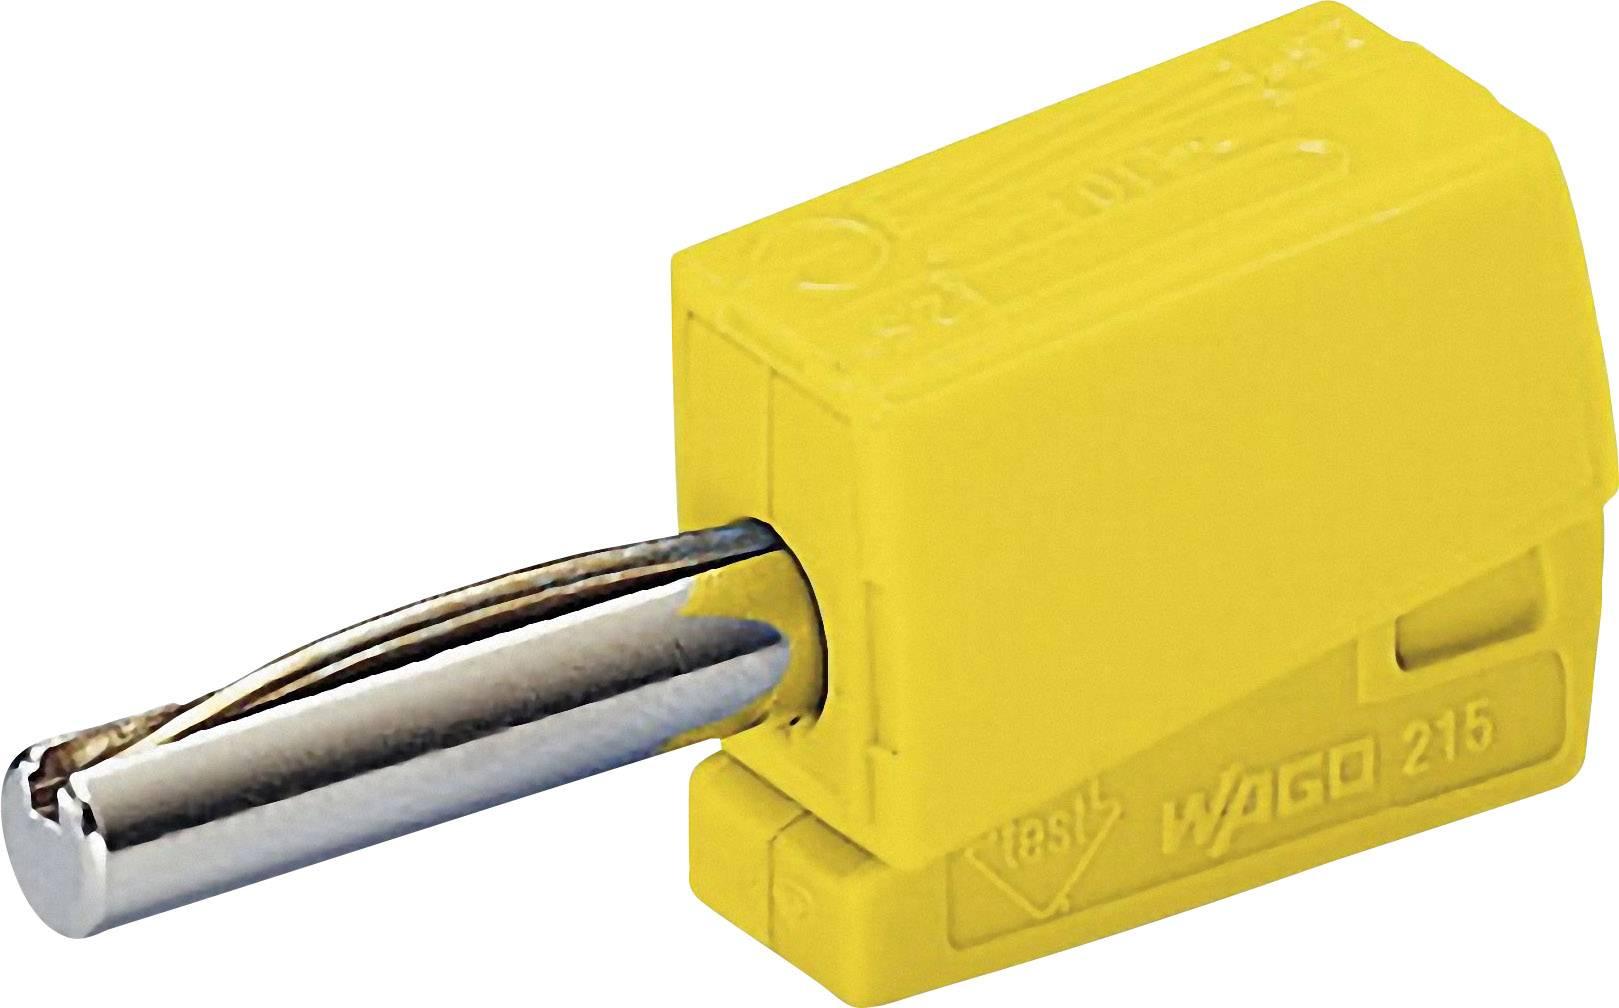 Banánový konektor WAGO – zástrčka, rovná, Ø hrotu: 4 mm, žltá, 1 ks